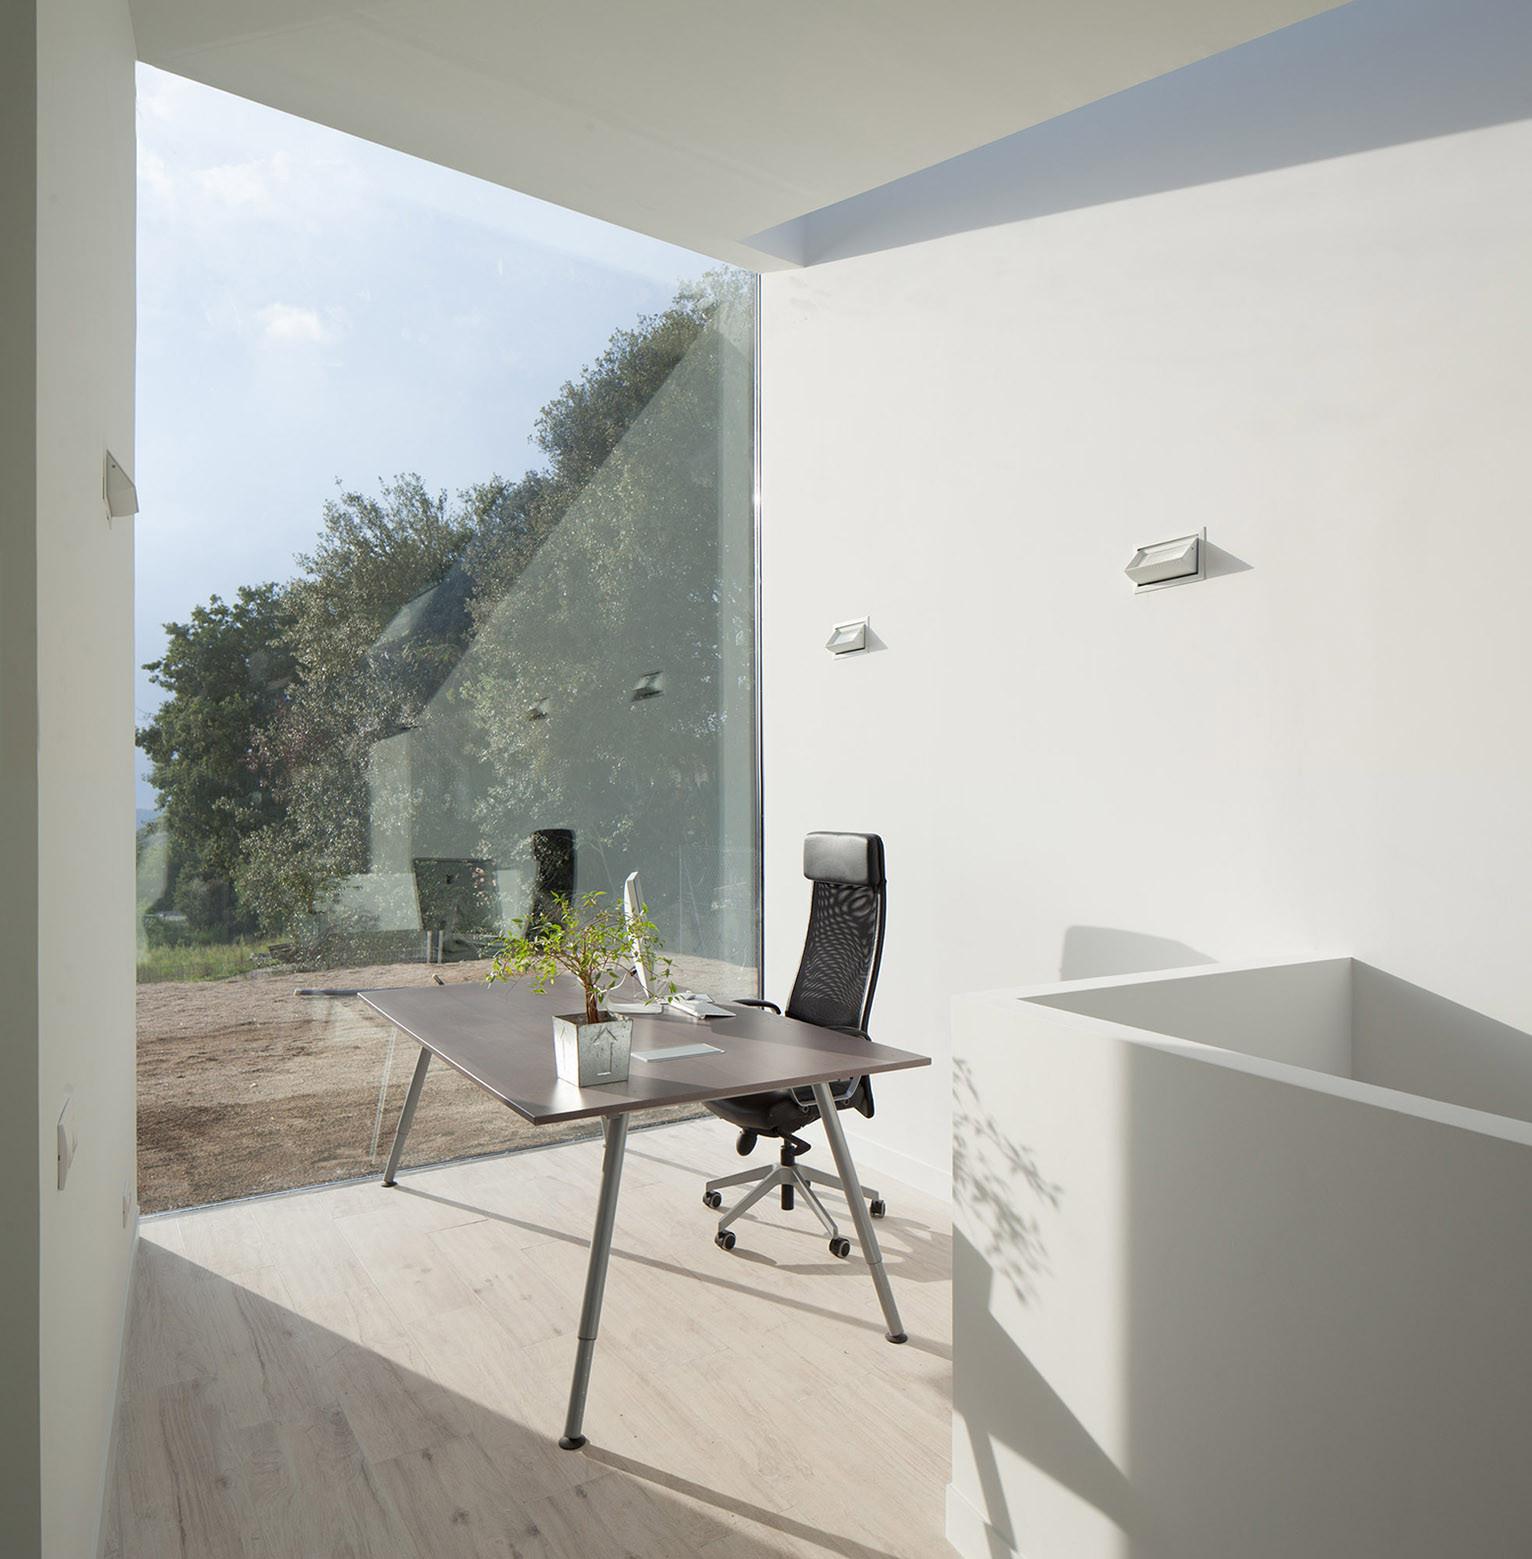 434 - Diseño tentacular y luminoso ambiente minimalista en Castellcir, Barcelona